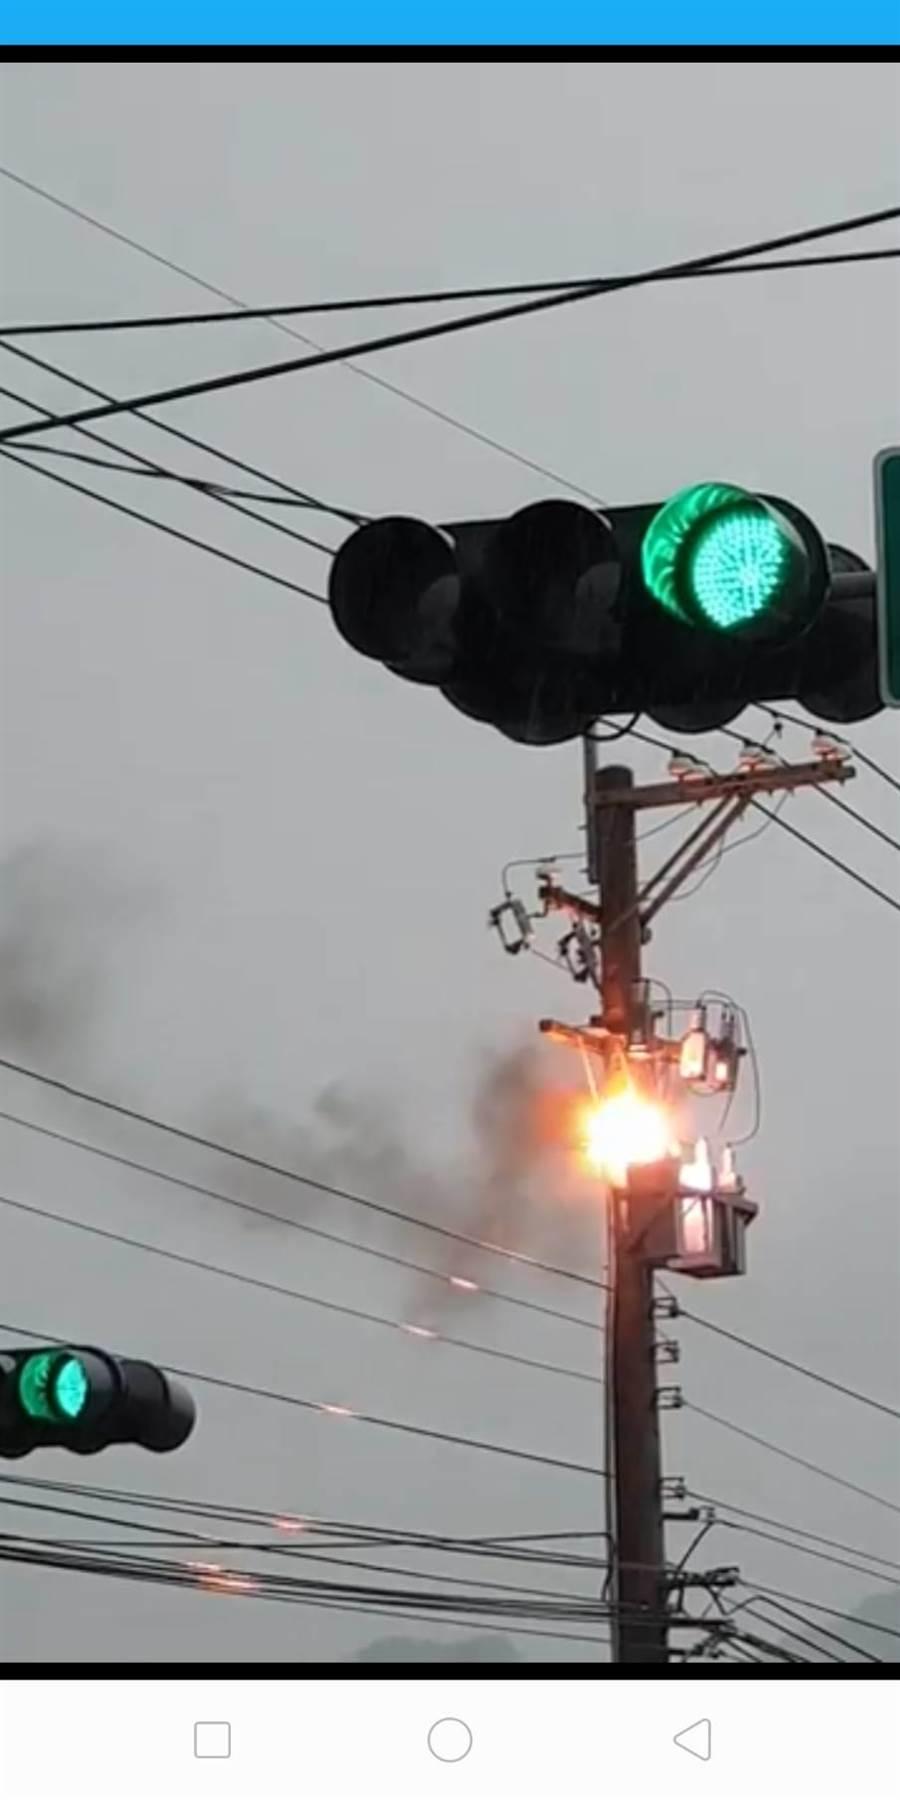 三豐路5段發生電桿起火意外,致500餘戶停電。(陳淑娥翻攝)